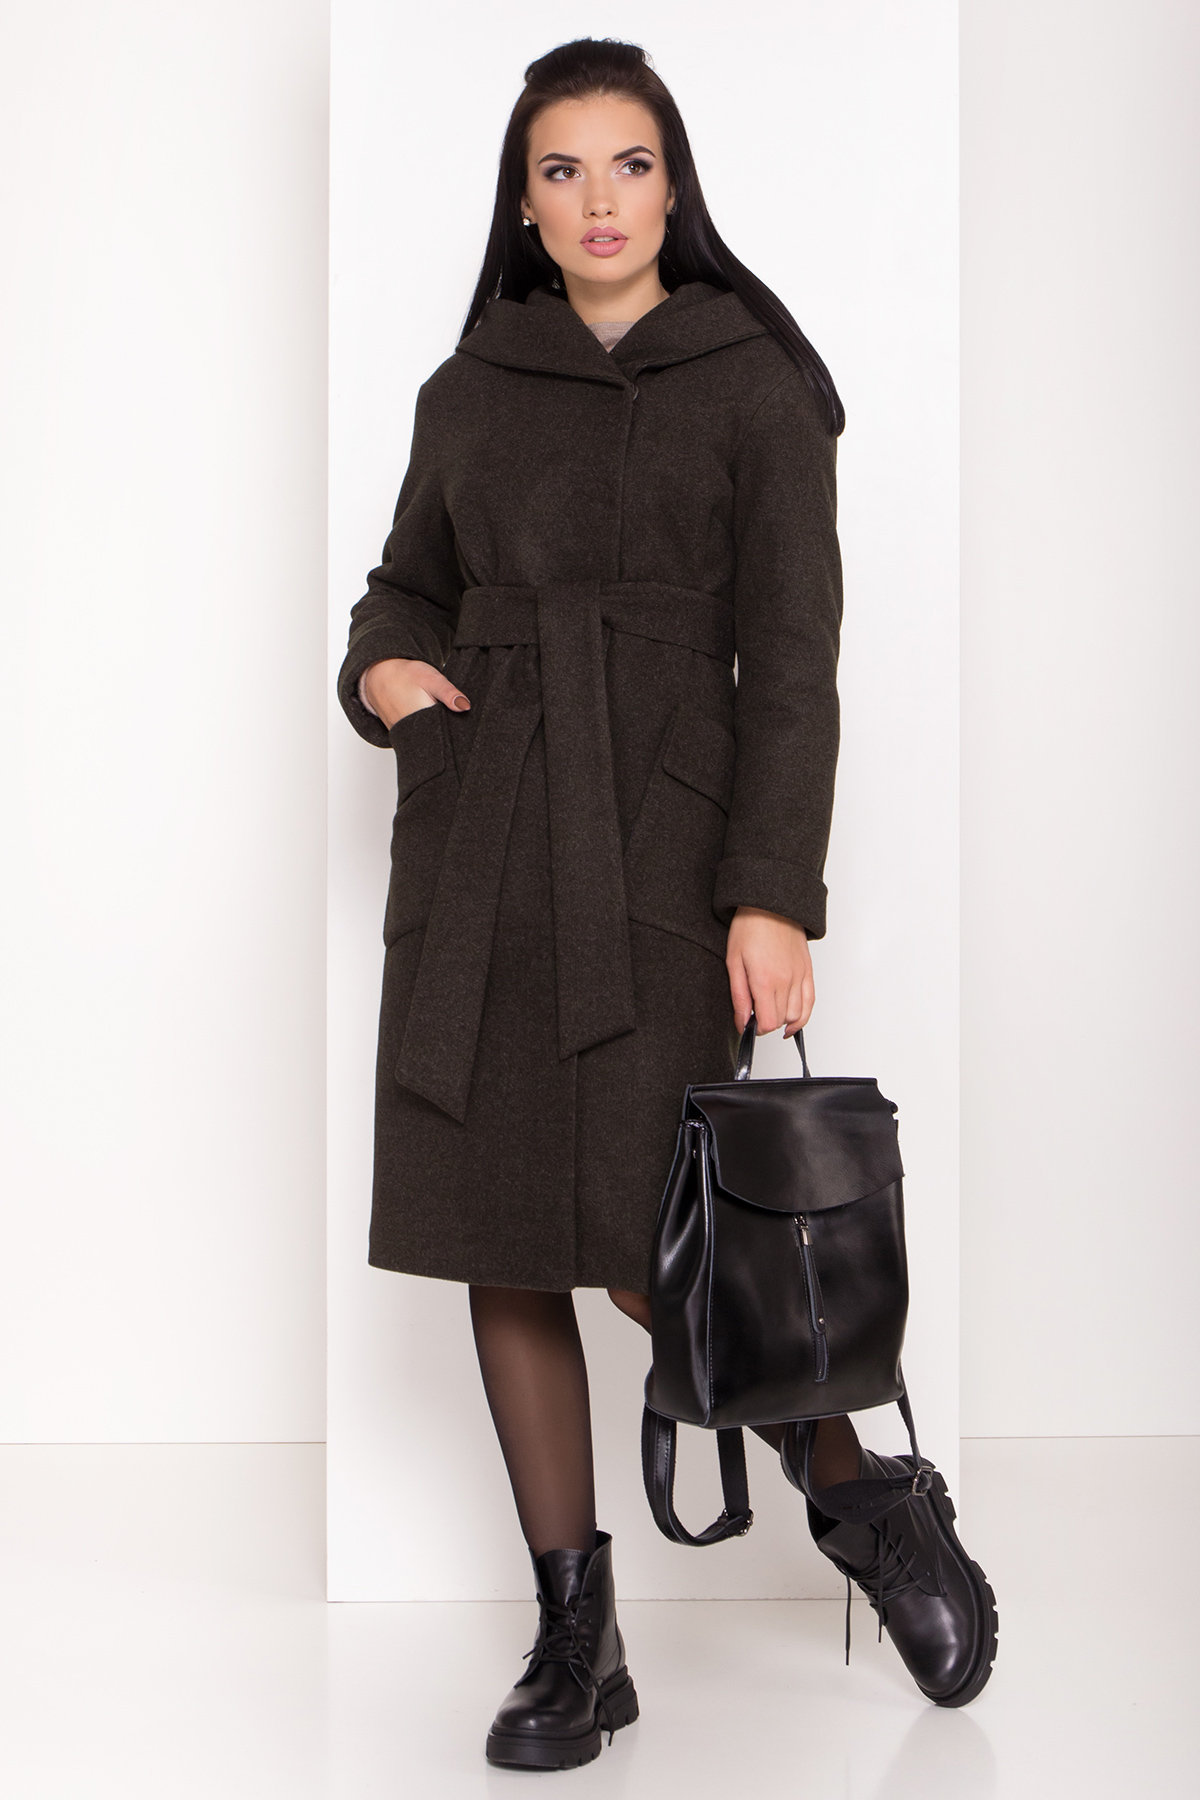 Зимнее пальто для женщин от Modus Женское пальто зима с накладными карманами Анджи 8299